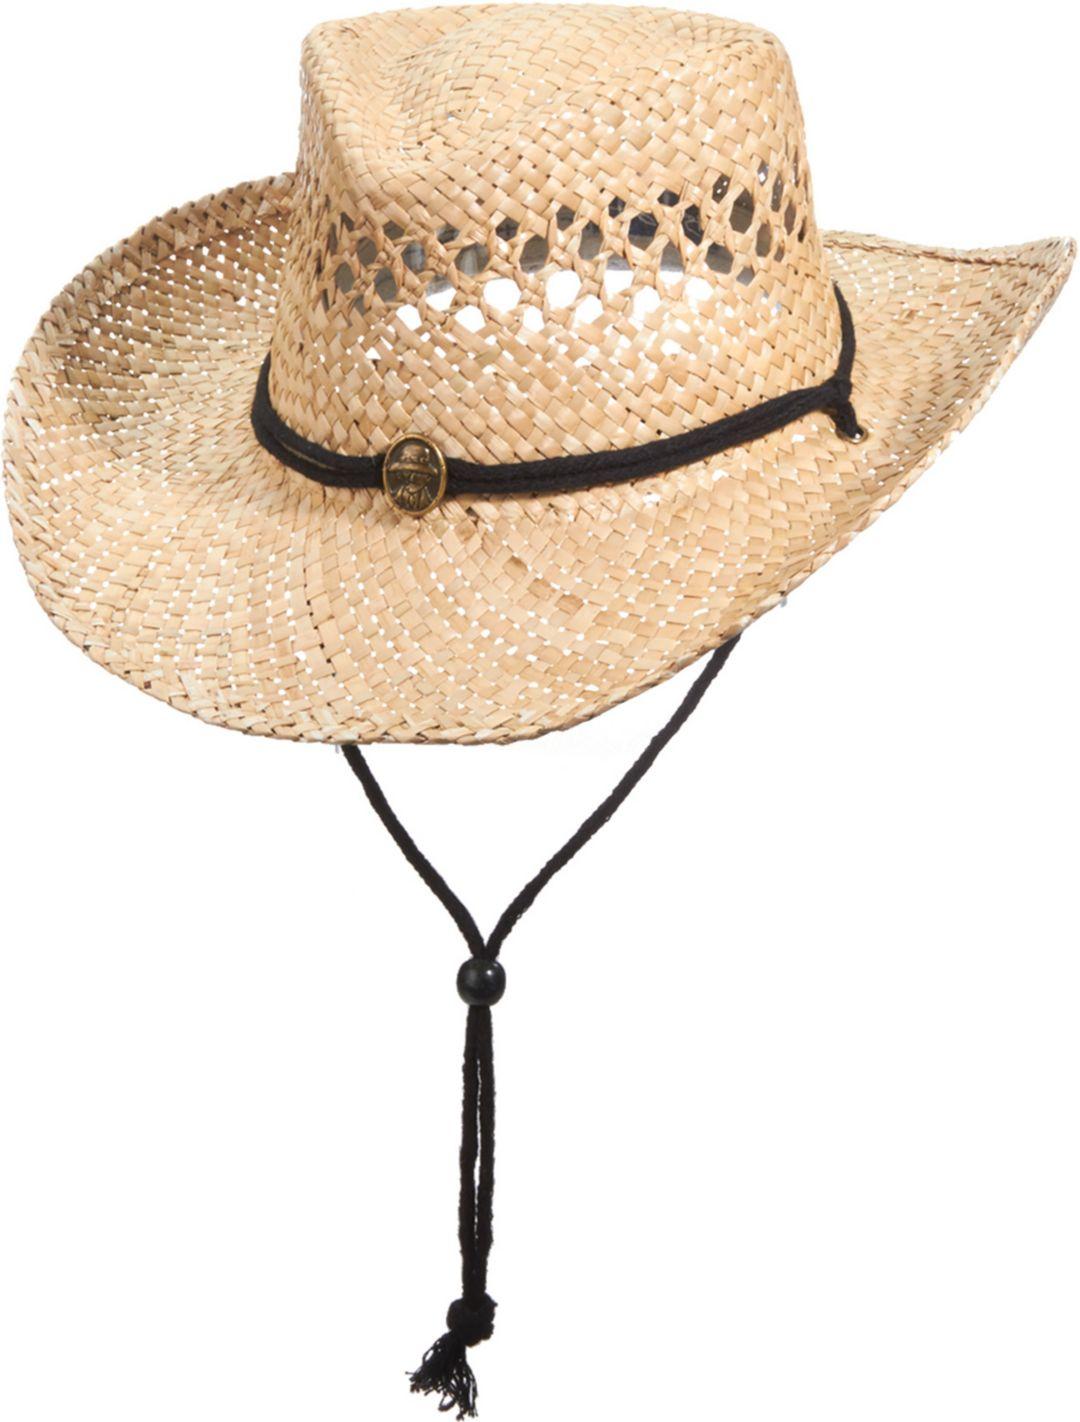 6d6c891d22f8d Dorfman Pacific Panama Jack Men s Seagrass Outback Hat 1